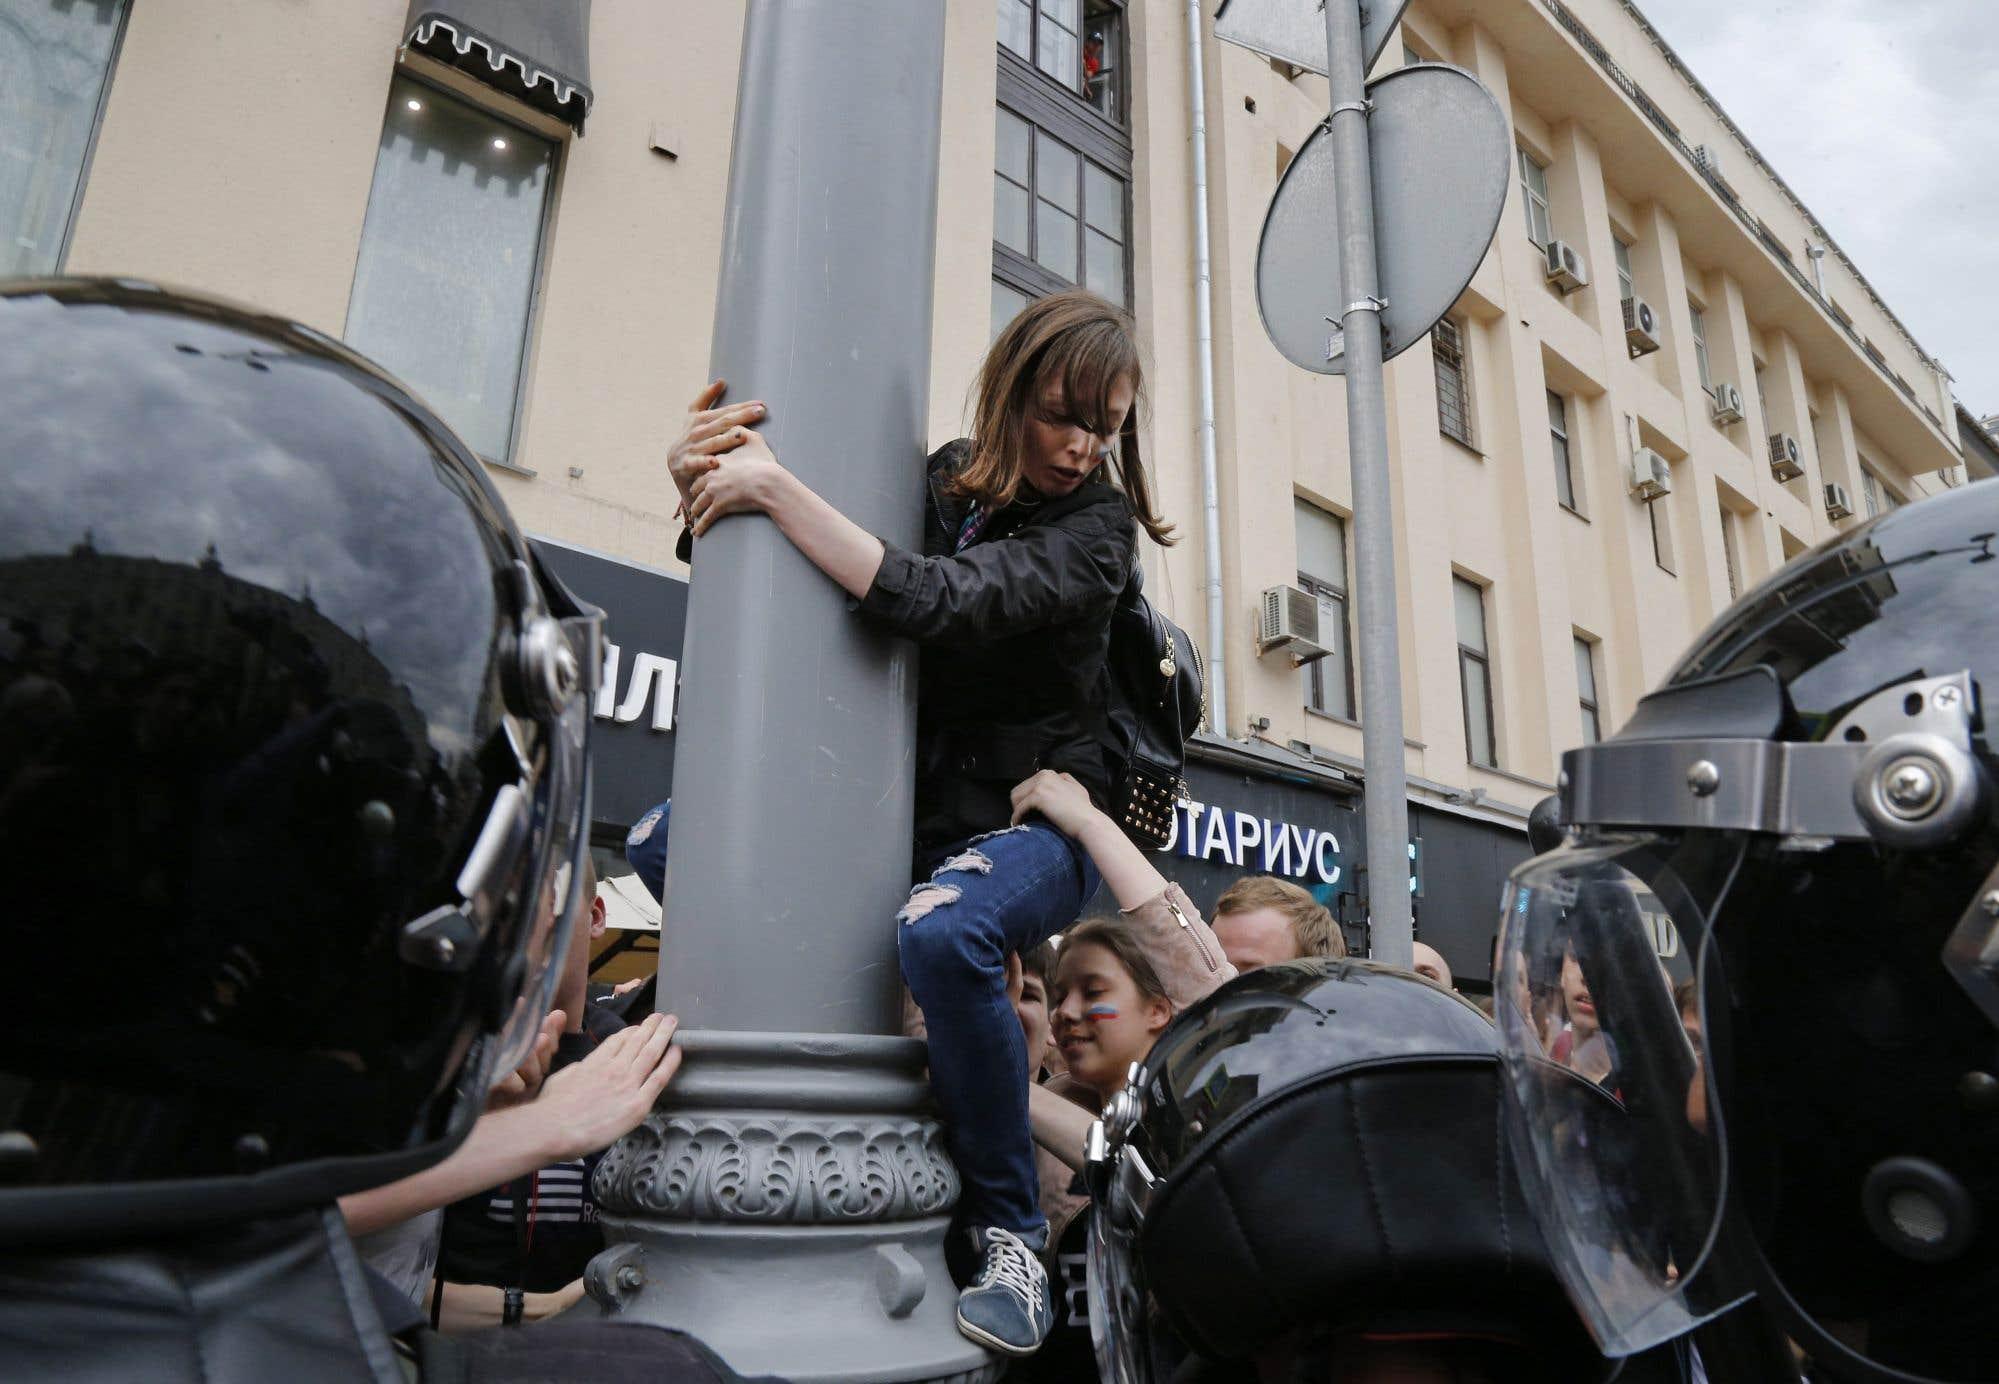 Une manifestante se fait tirer en bas d'un lampadaire à Moscou ce lundi. L'opposant au président russe Alexei Navalny avait tenté de reproduire les manifestations qui avaient secoué la Russie il y a trois mois. Il s'est fait arrêter par la police à l'extérieur de sa maison alors qu'il se dirigeait vers la manifestation de Moscou. M. Navalny souhaite se présenter comme prétendant au poste de Vladimir Poutine aux prochaines élections.